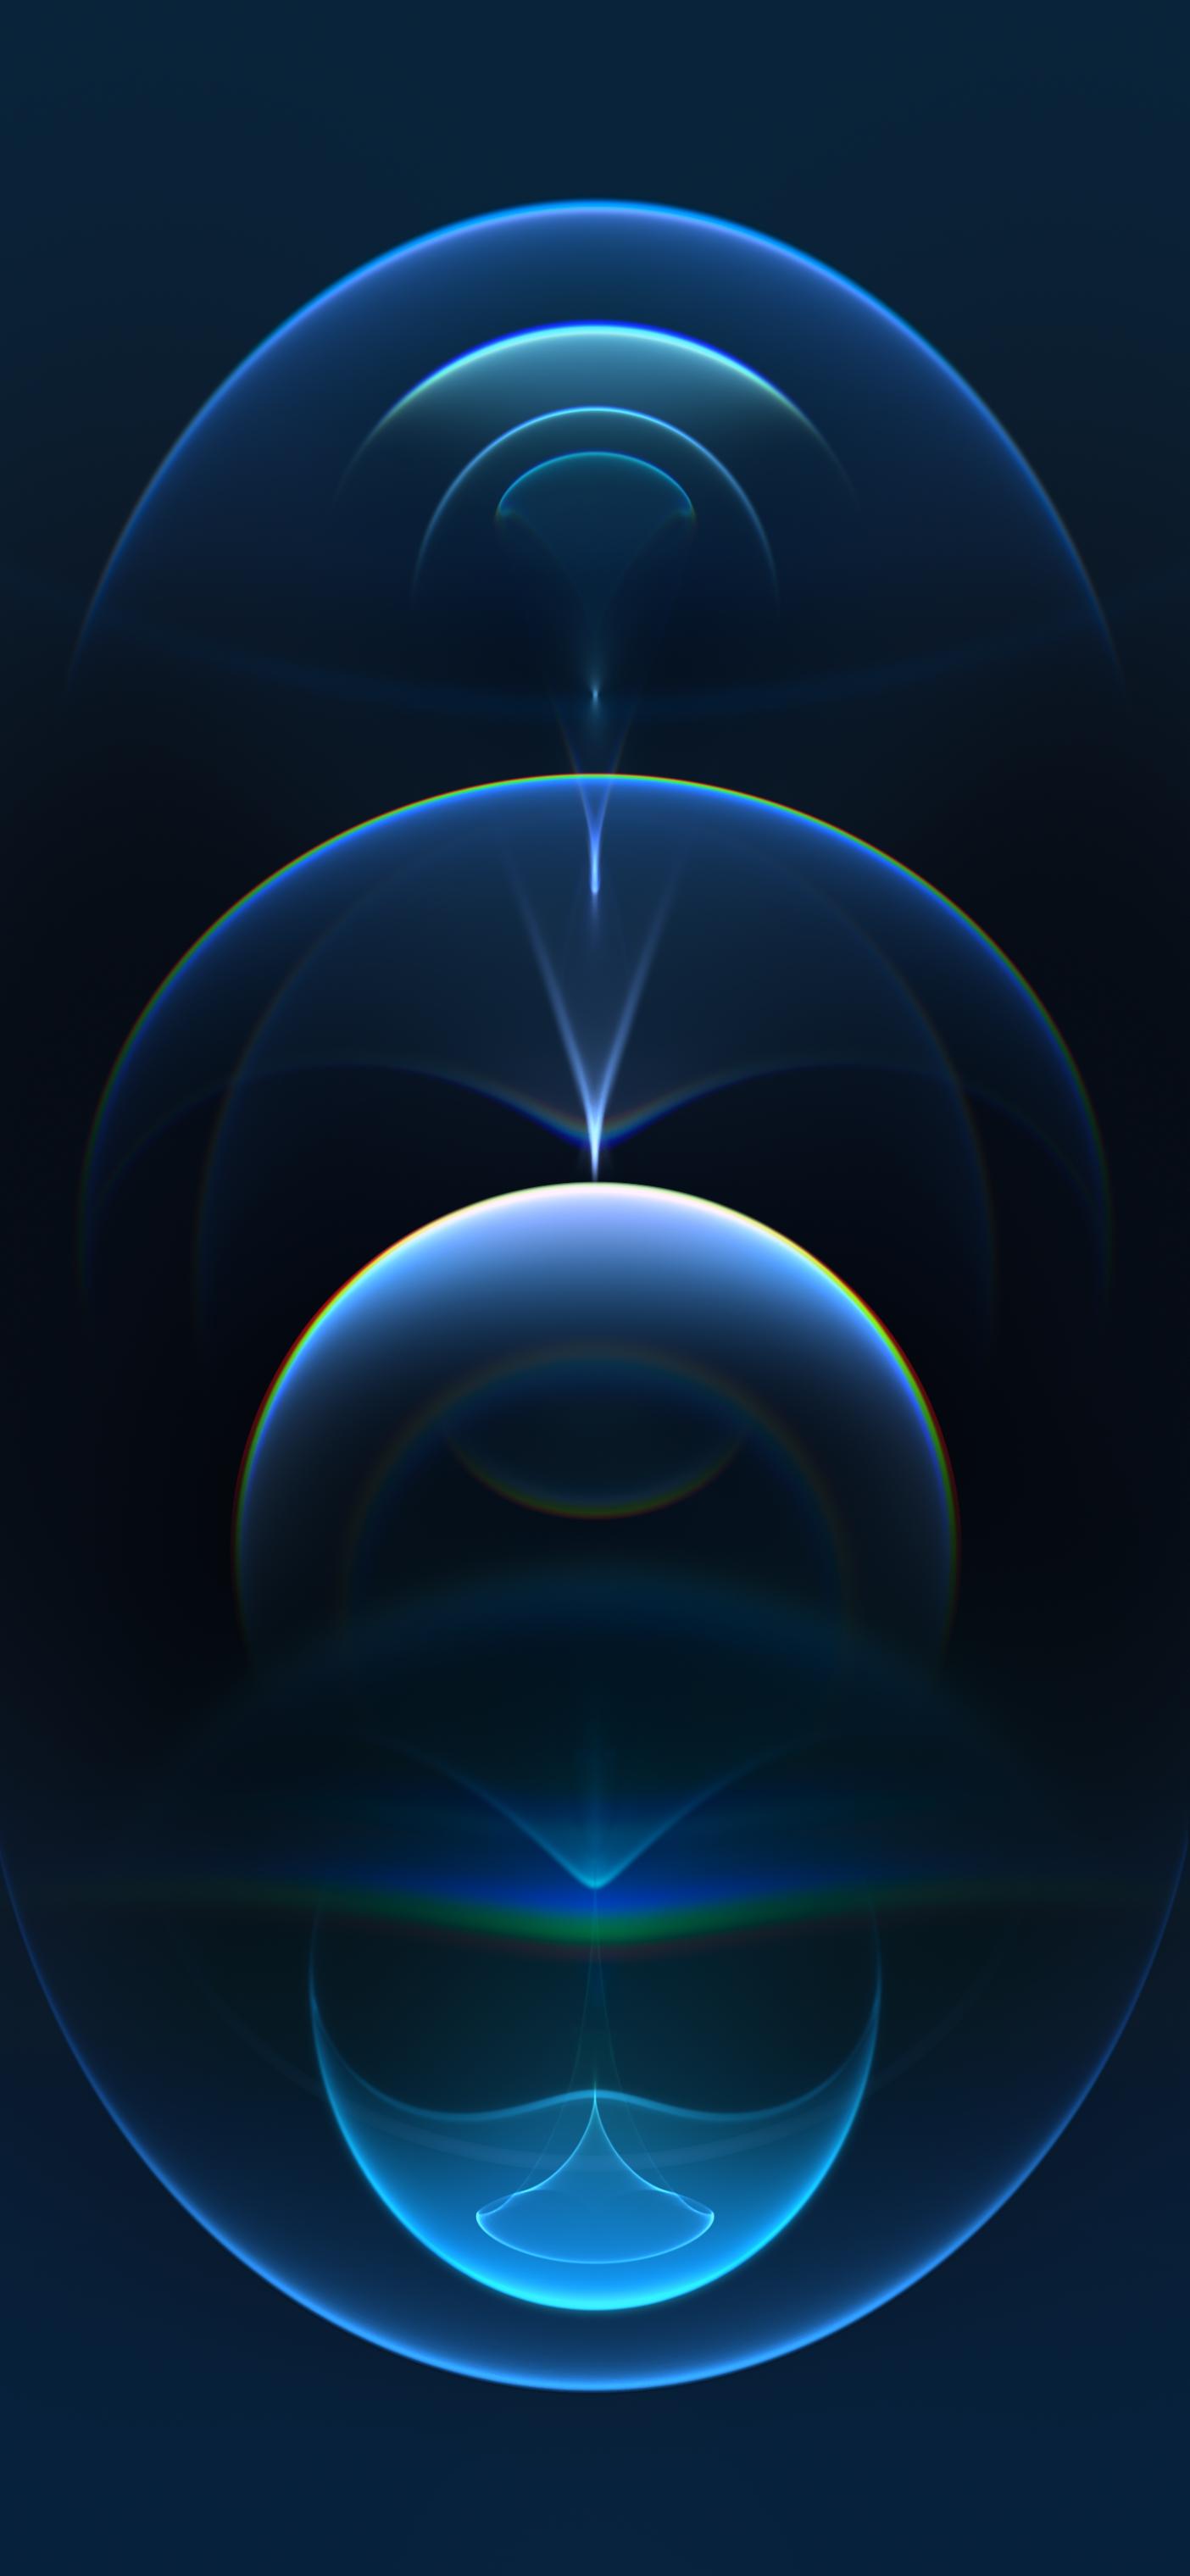 خلفيات شاشة خلفيات ايفون 12 Pro Max